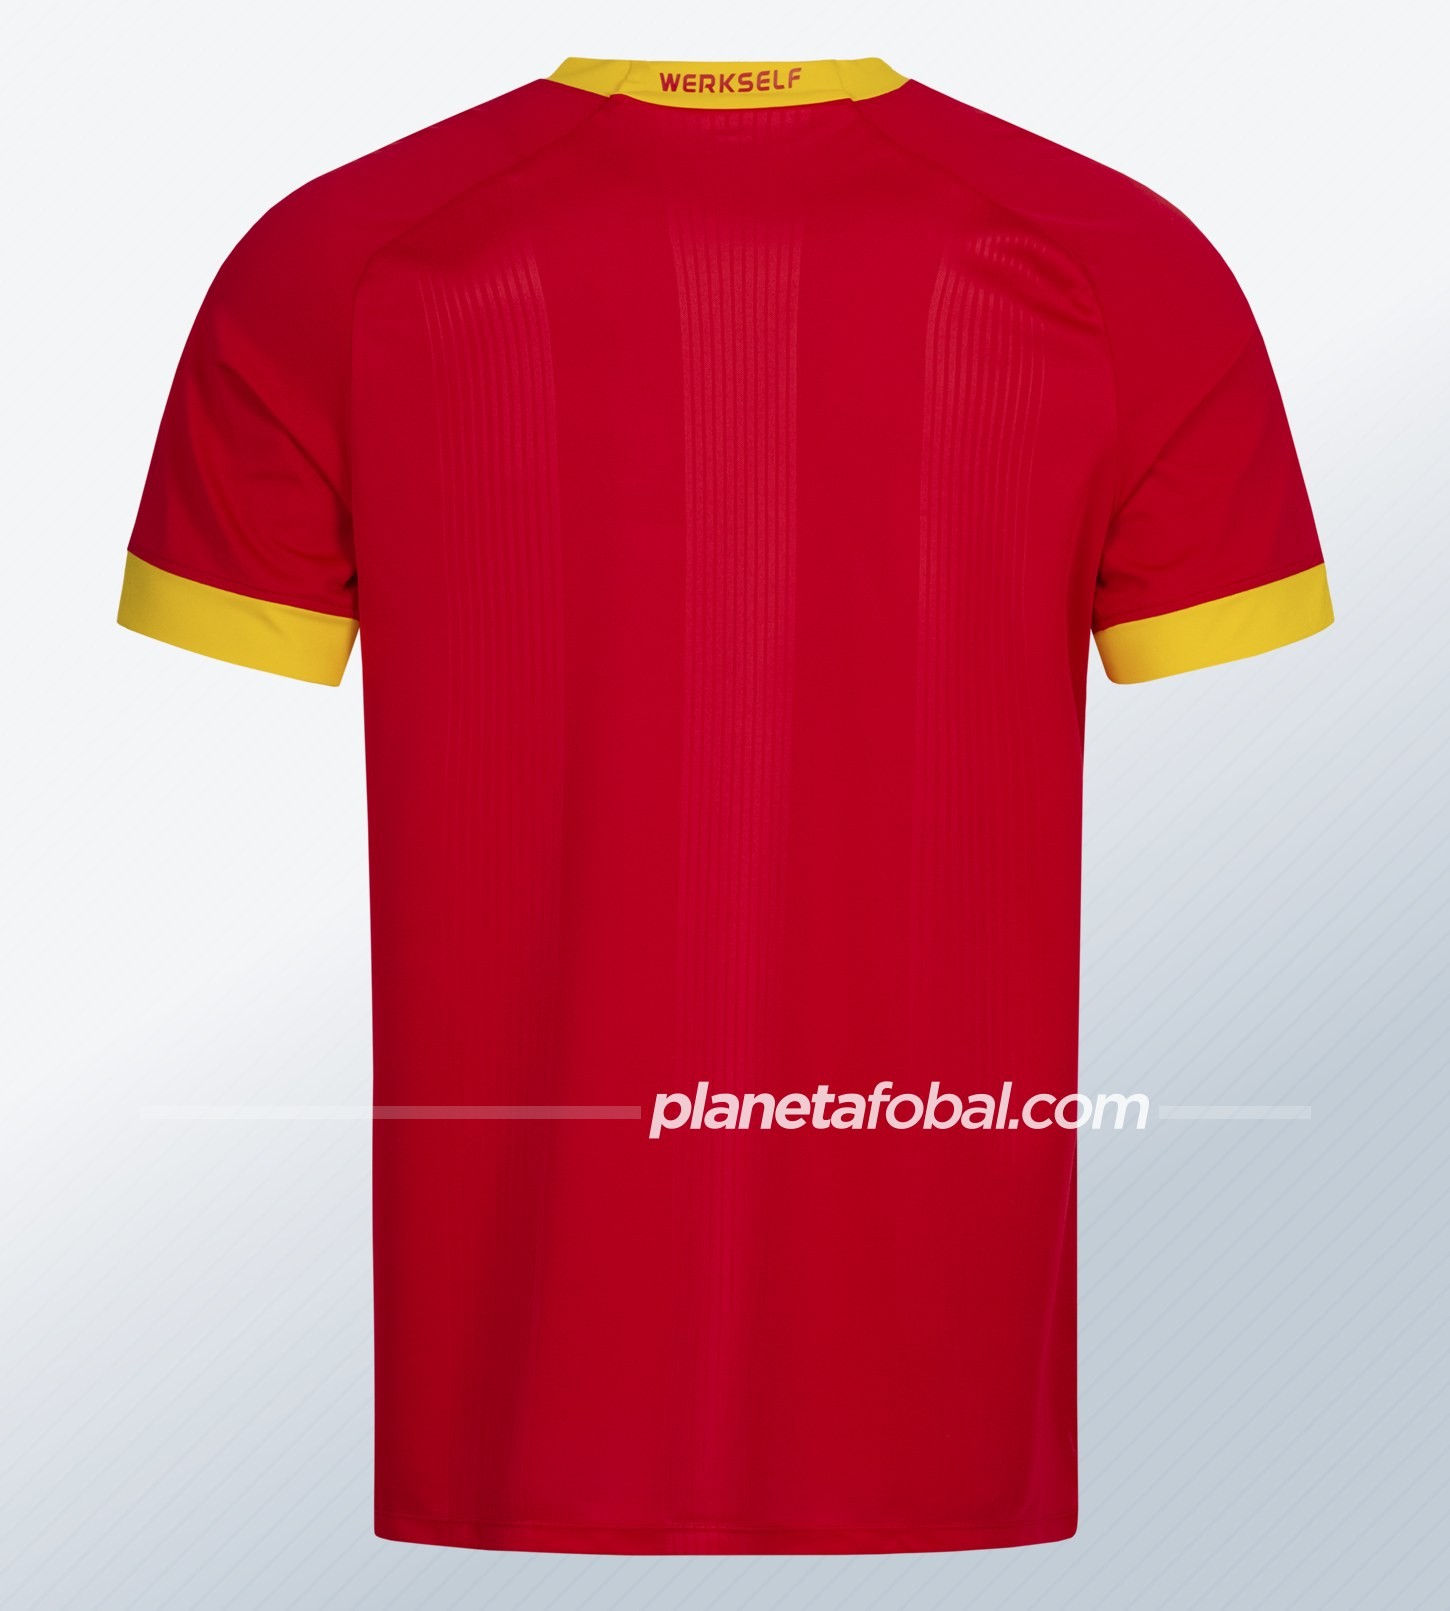 Maillot de remplacement Jako de Bayer 04 Leverkusen 2020/21 | Image Web officielle